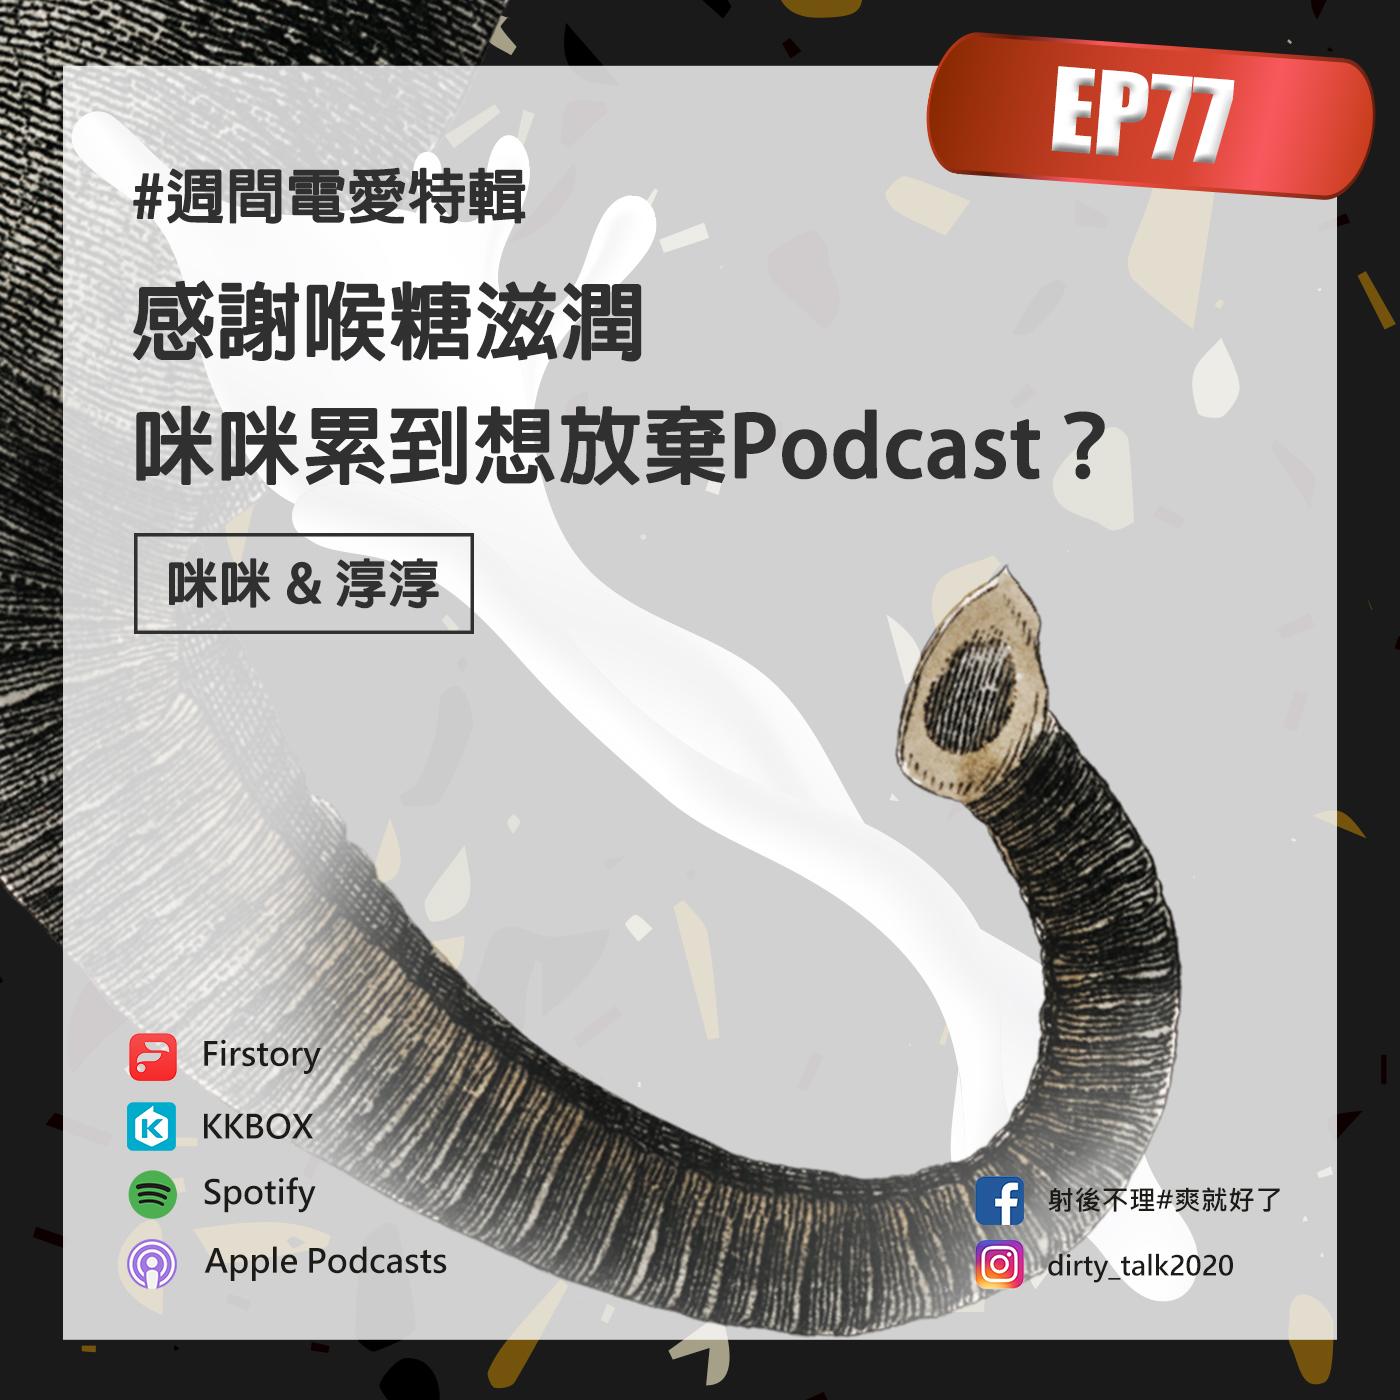 [週間電愛特輯] EP77 感謝喉糖滋潤 - 咪咪累到想放棄Podcast?